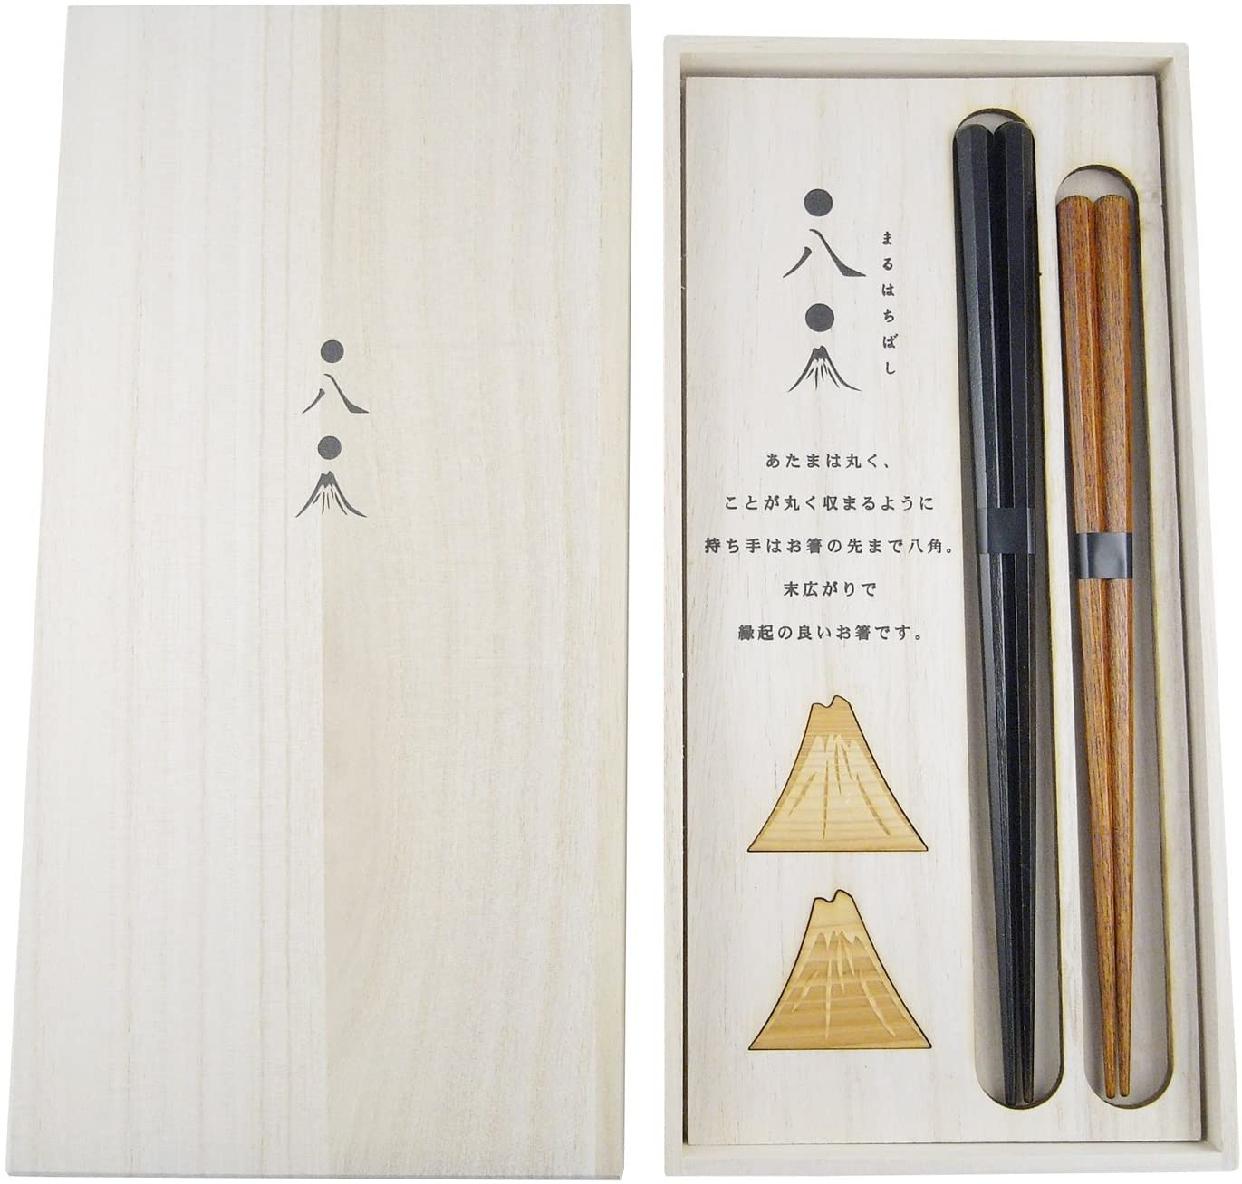 兵左衛門(ヒョウザエモン) 丸八箸夫婦セット X-826 23.5cm、21.5cmの商品画像